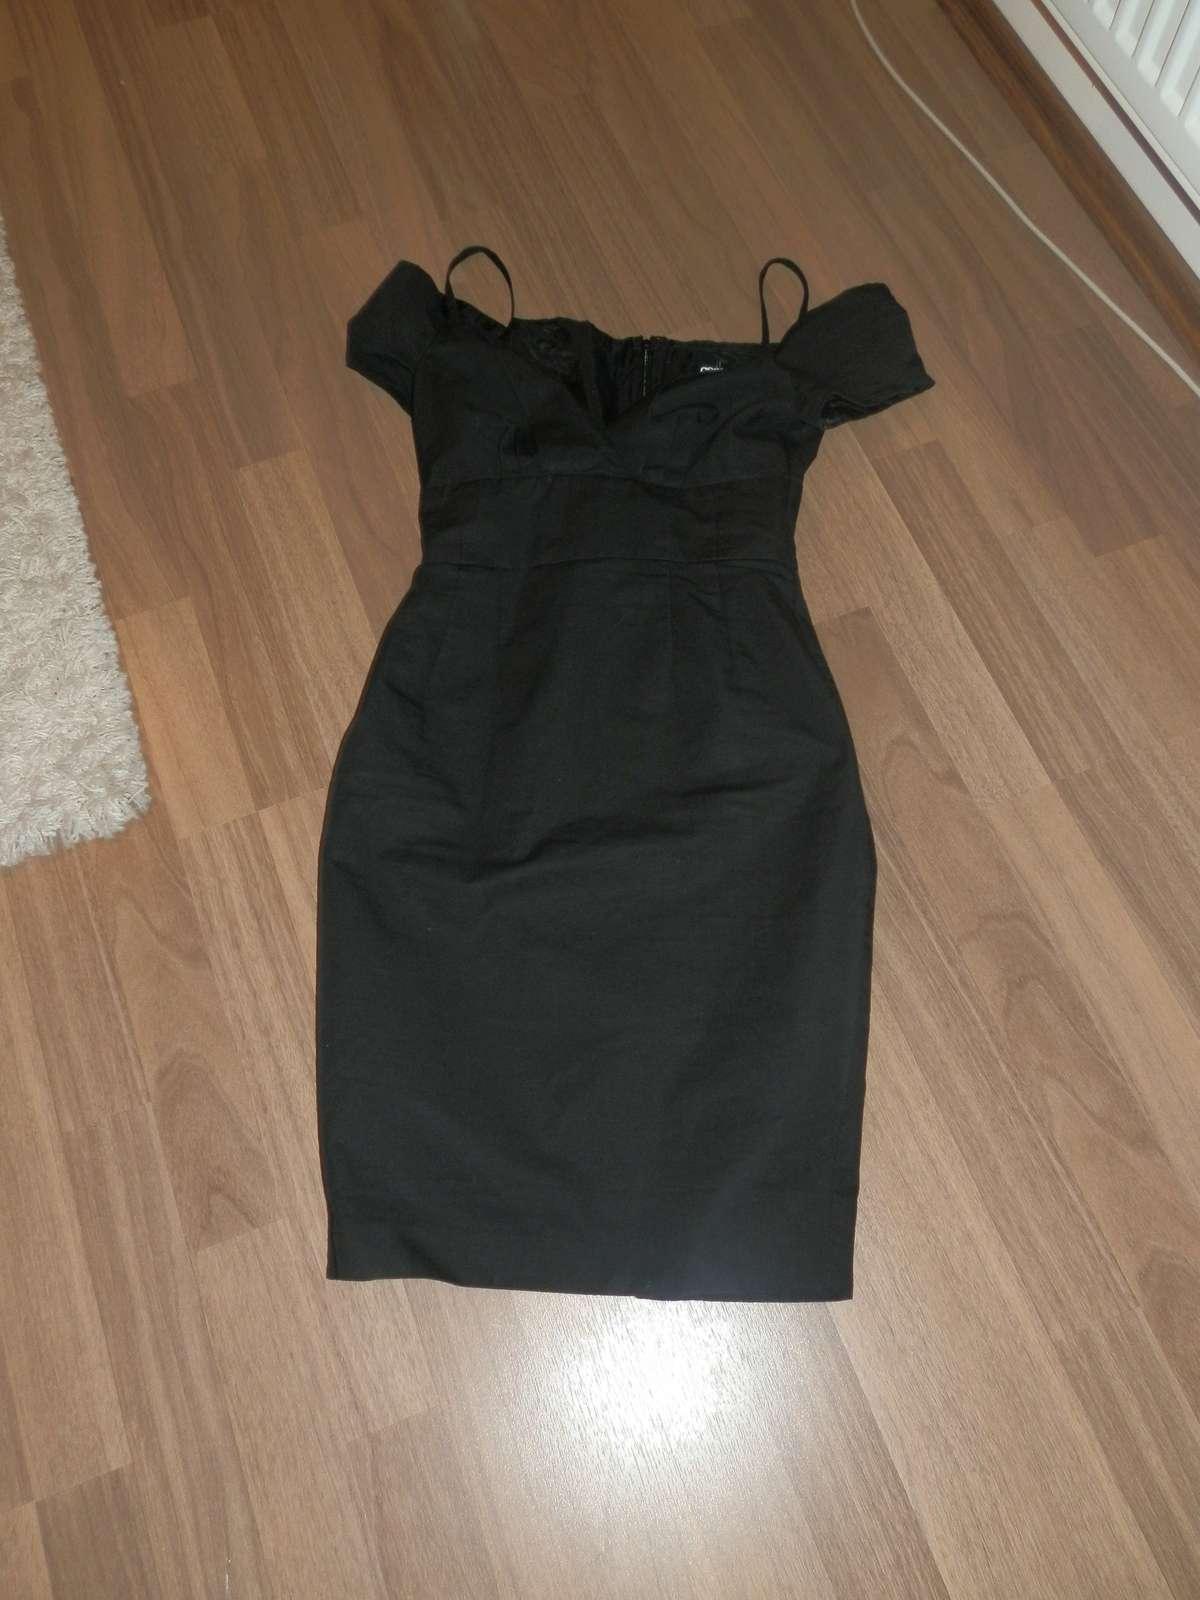 9bca88b2f3f6 Černé šaty s vykrojenými rameny značky asos